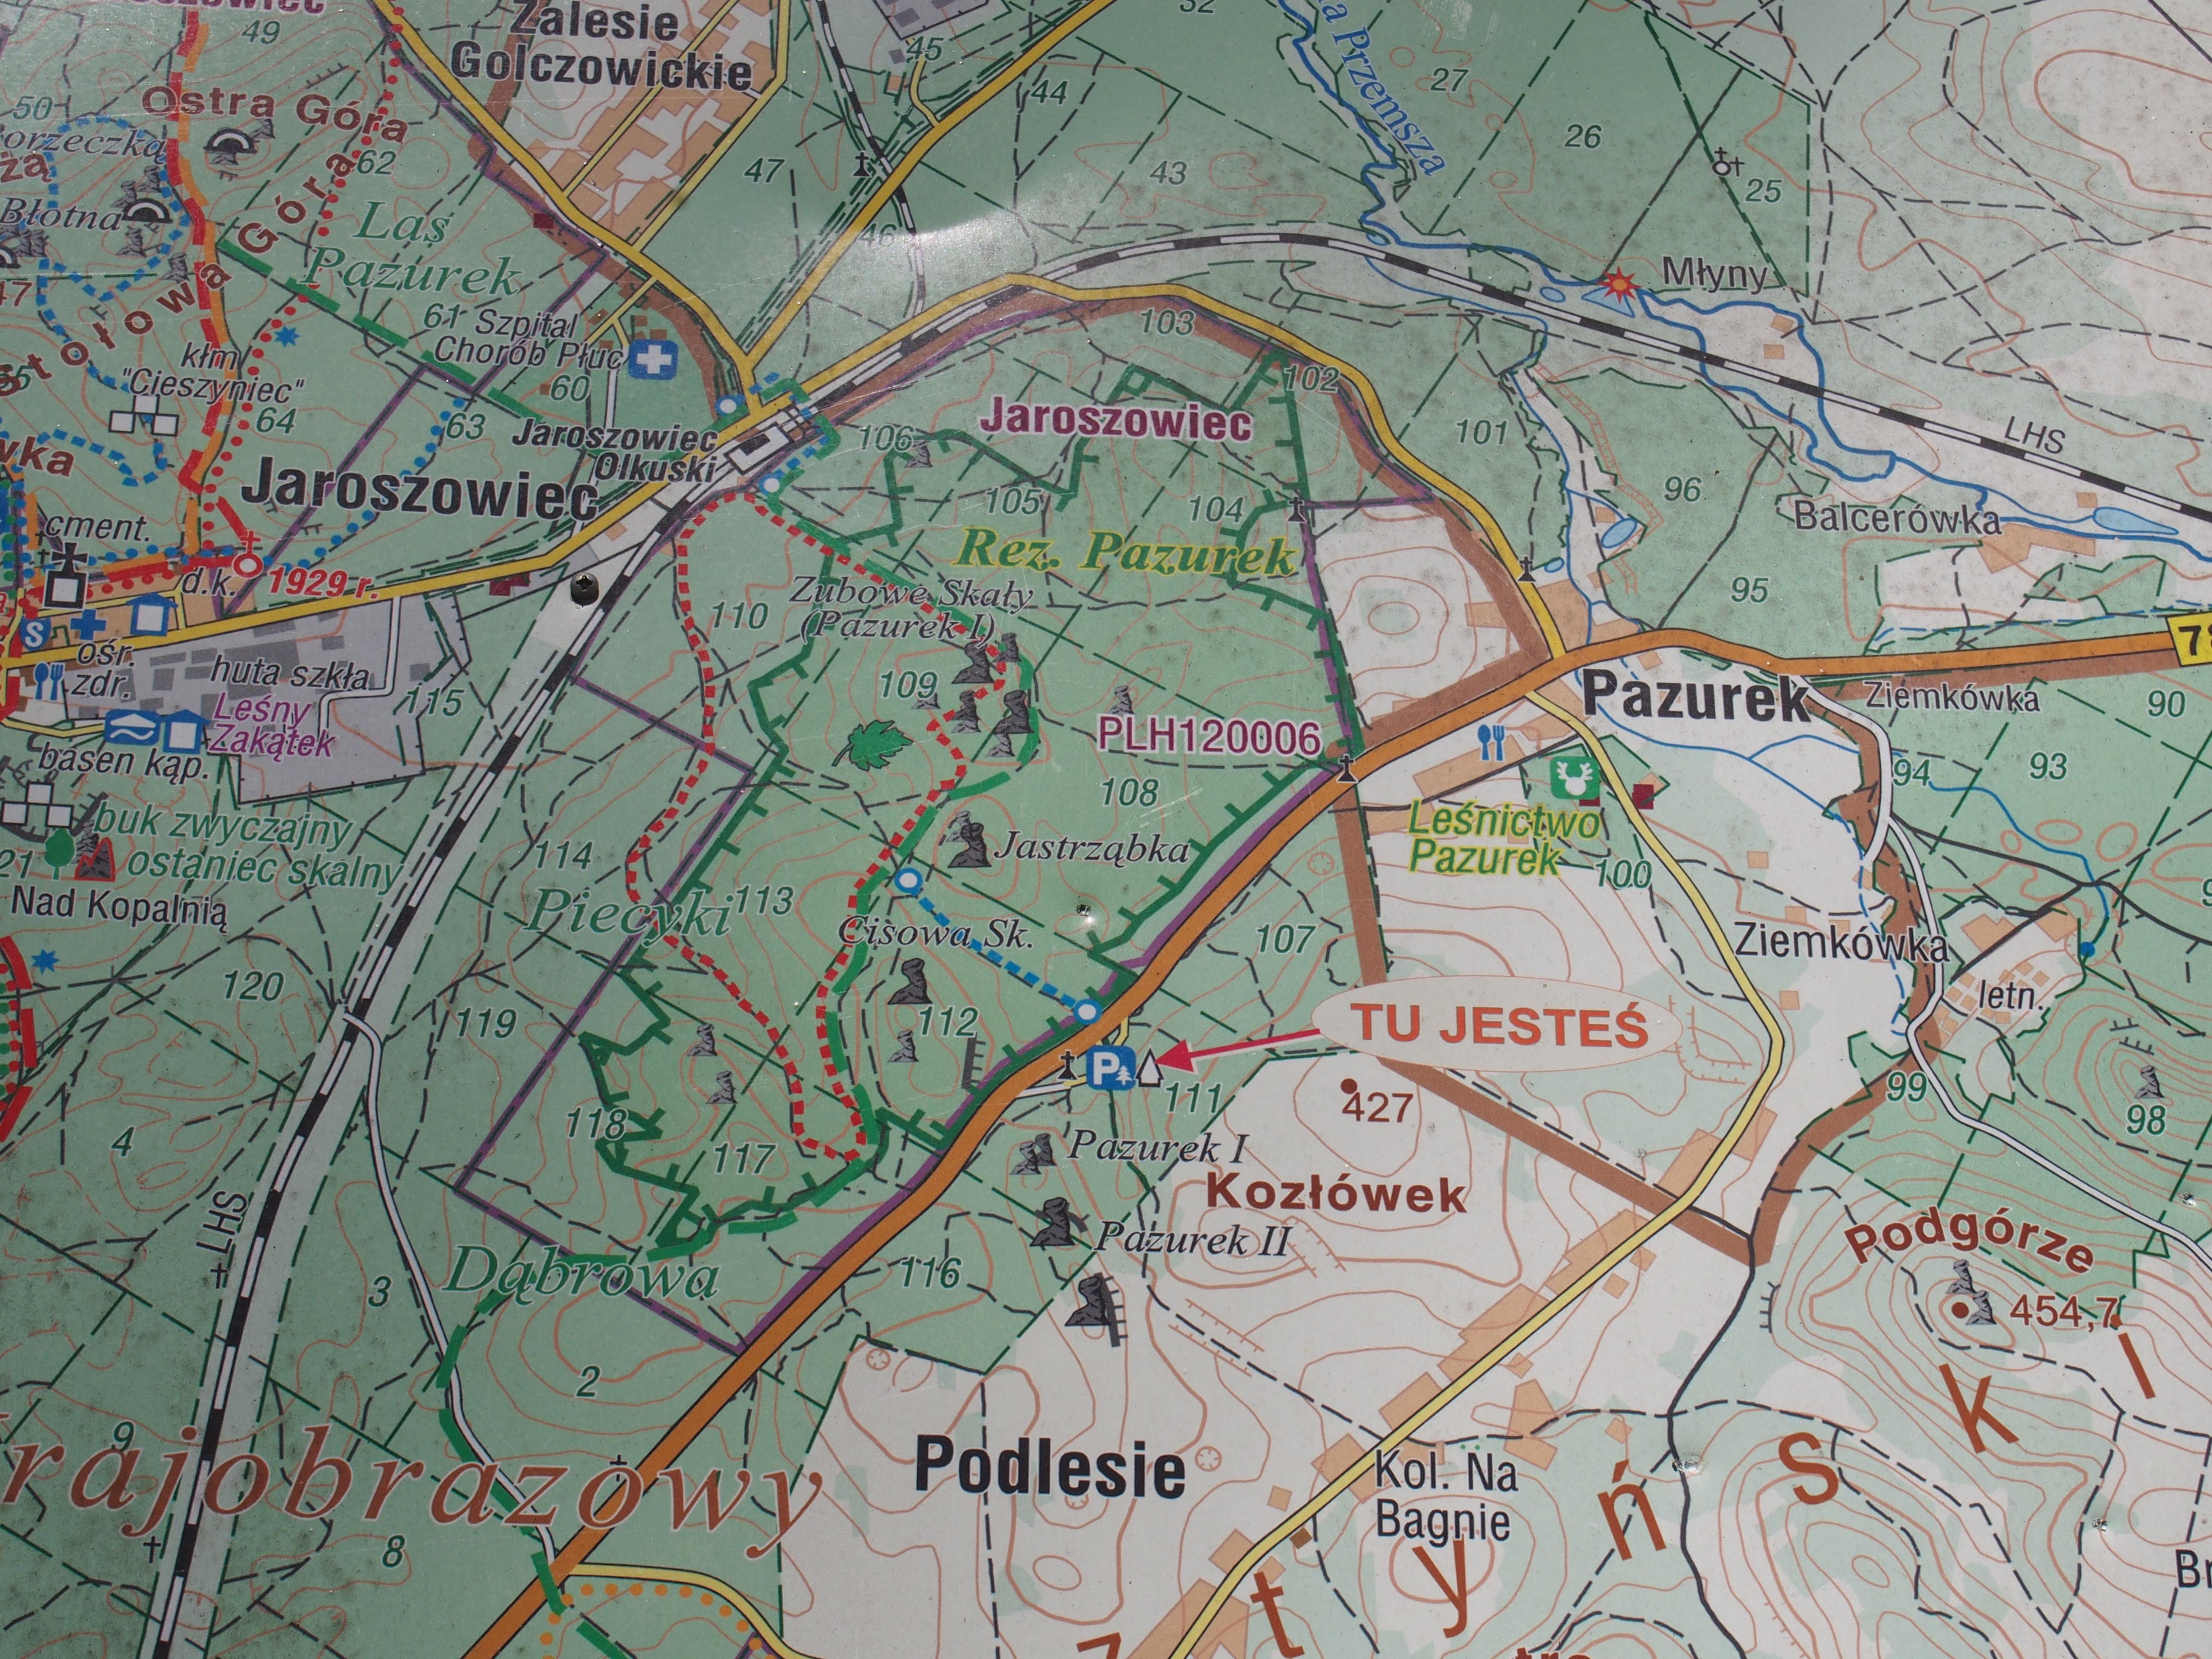 Mapa z przebiegiem szlaku w rezerwacie Pazurek